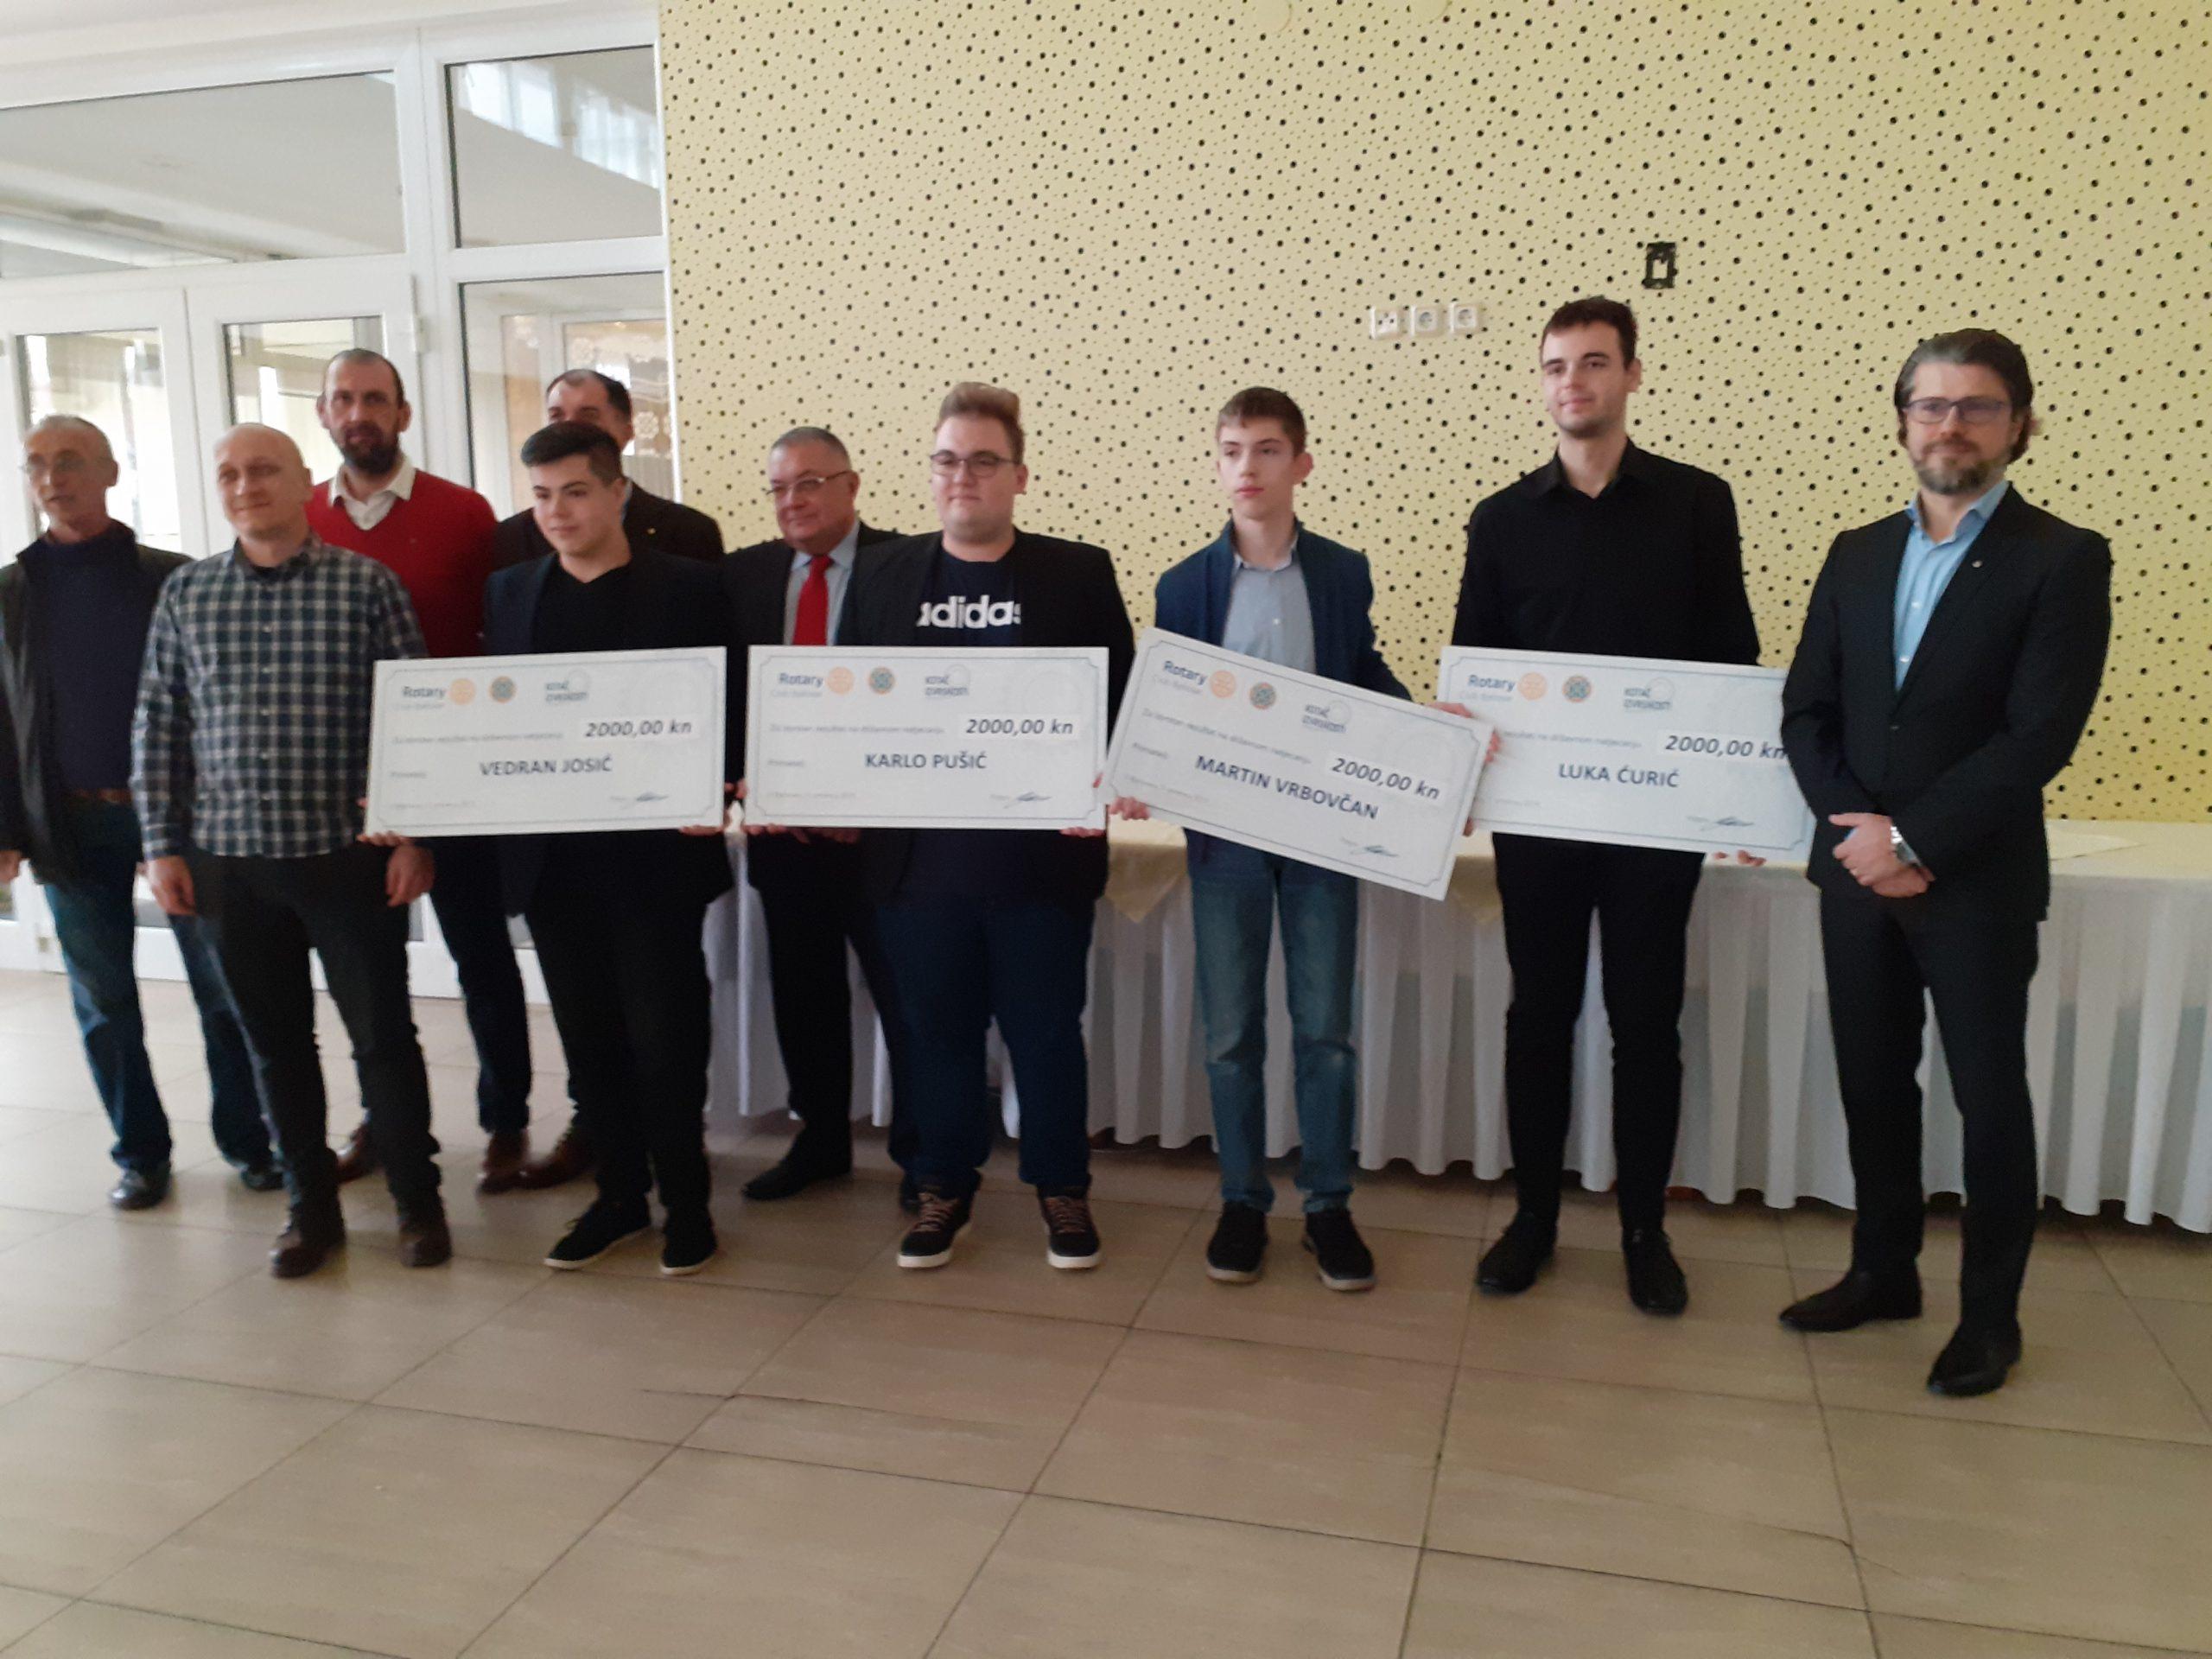 NAGRADE ZA IZVRSNOST Rotary klub Bjelovar odao priznanje uspješnim mladim STEM-ovcima